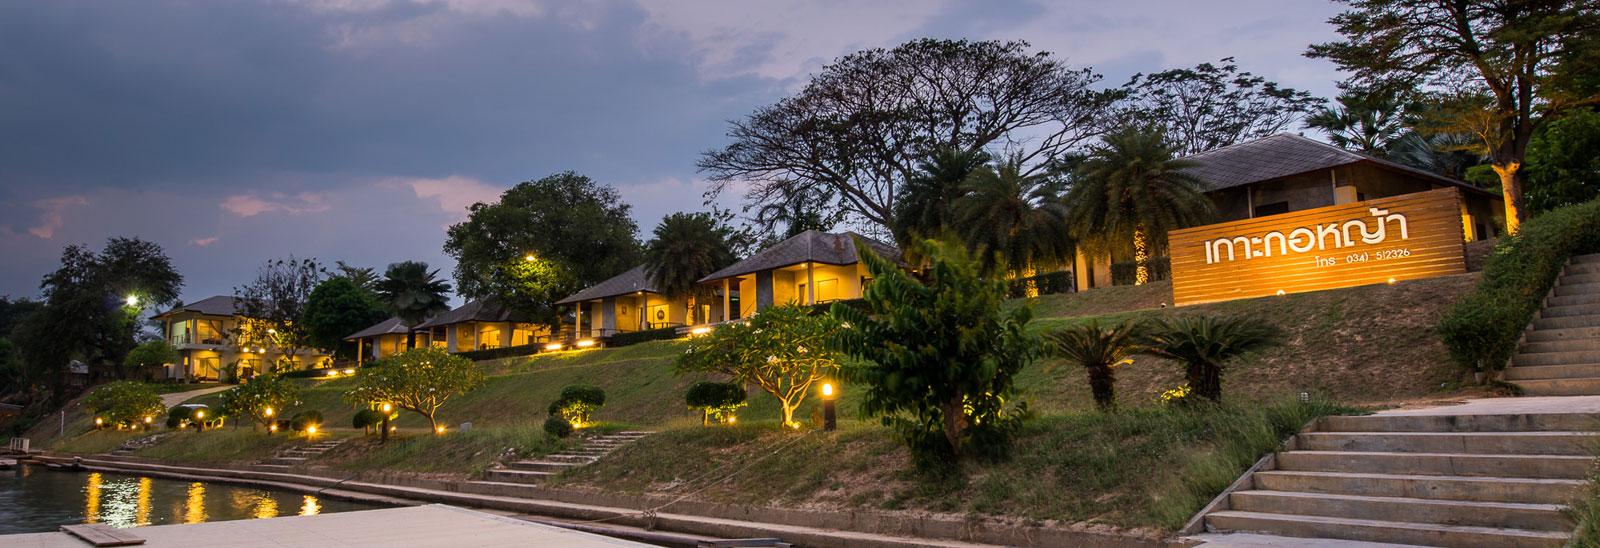 Kohkorya Resort Kanchanaburi